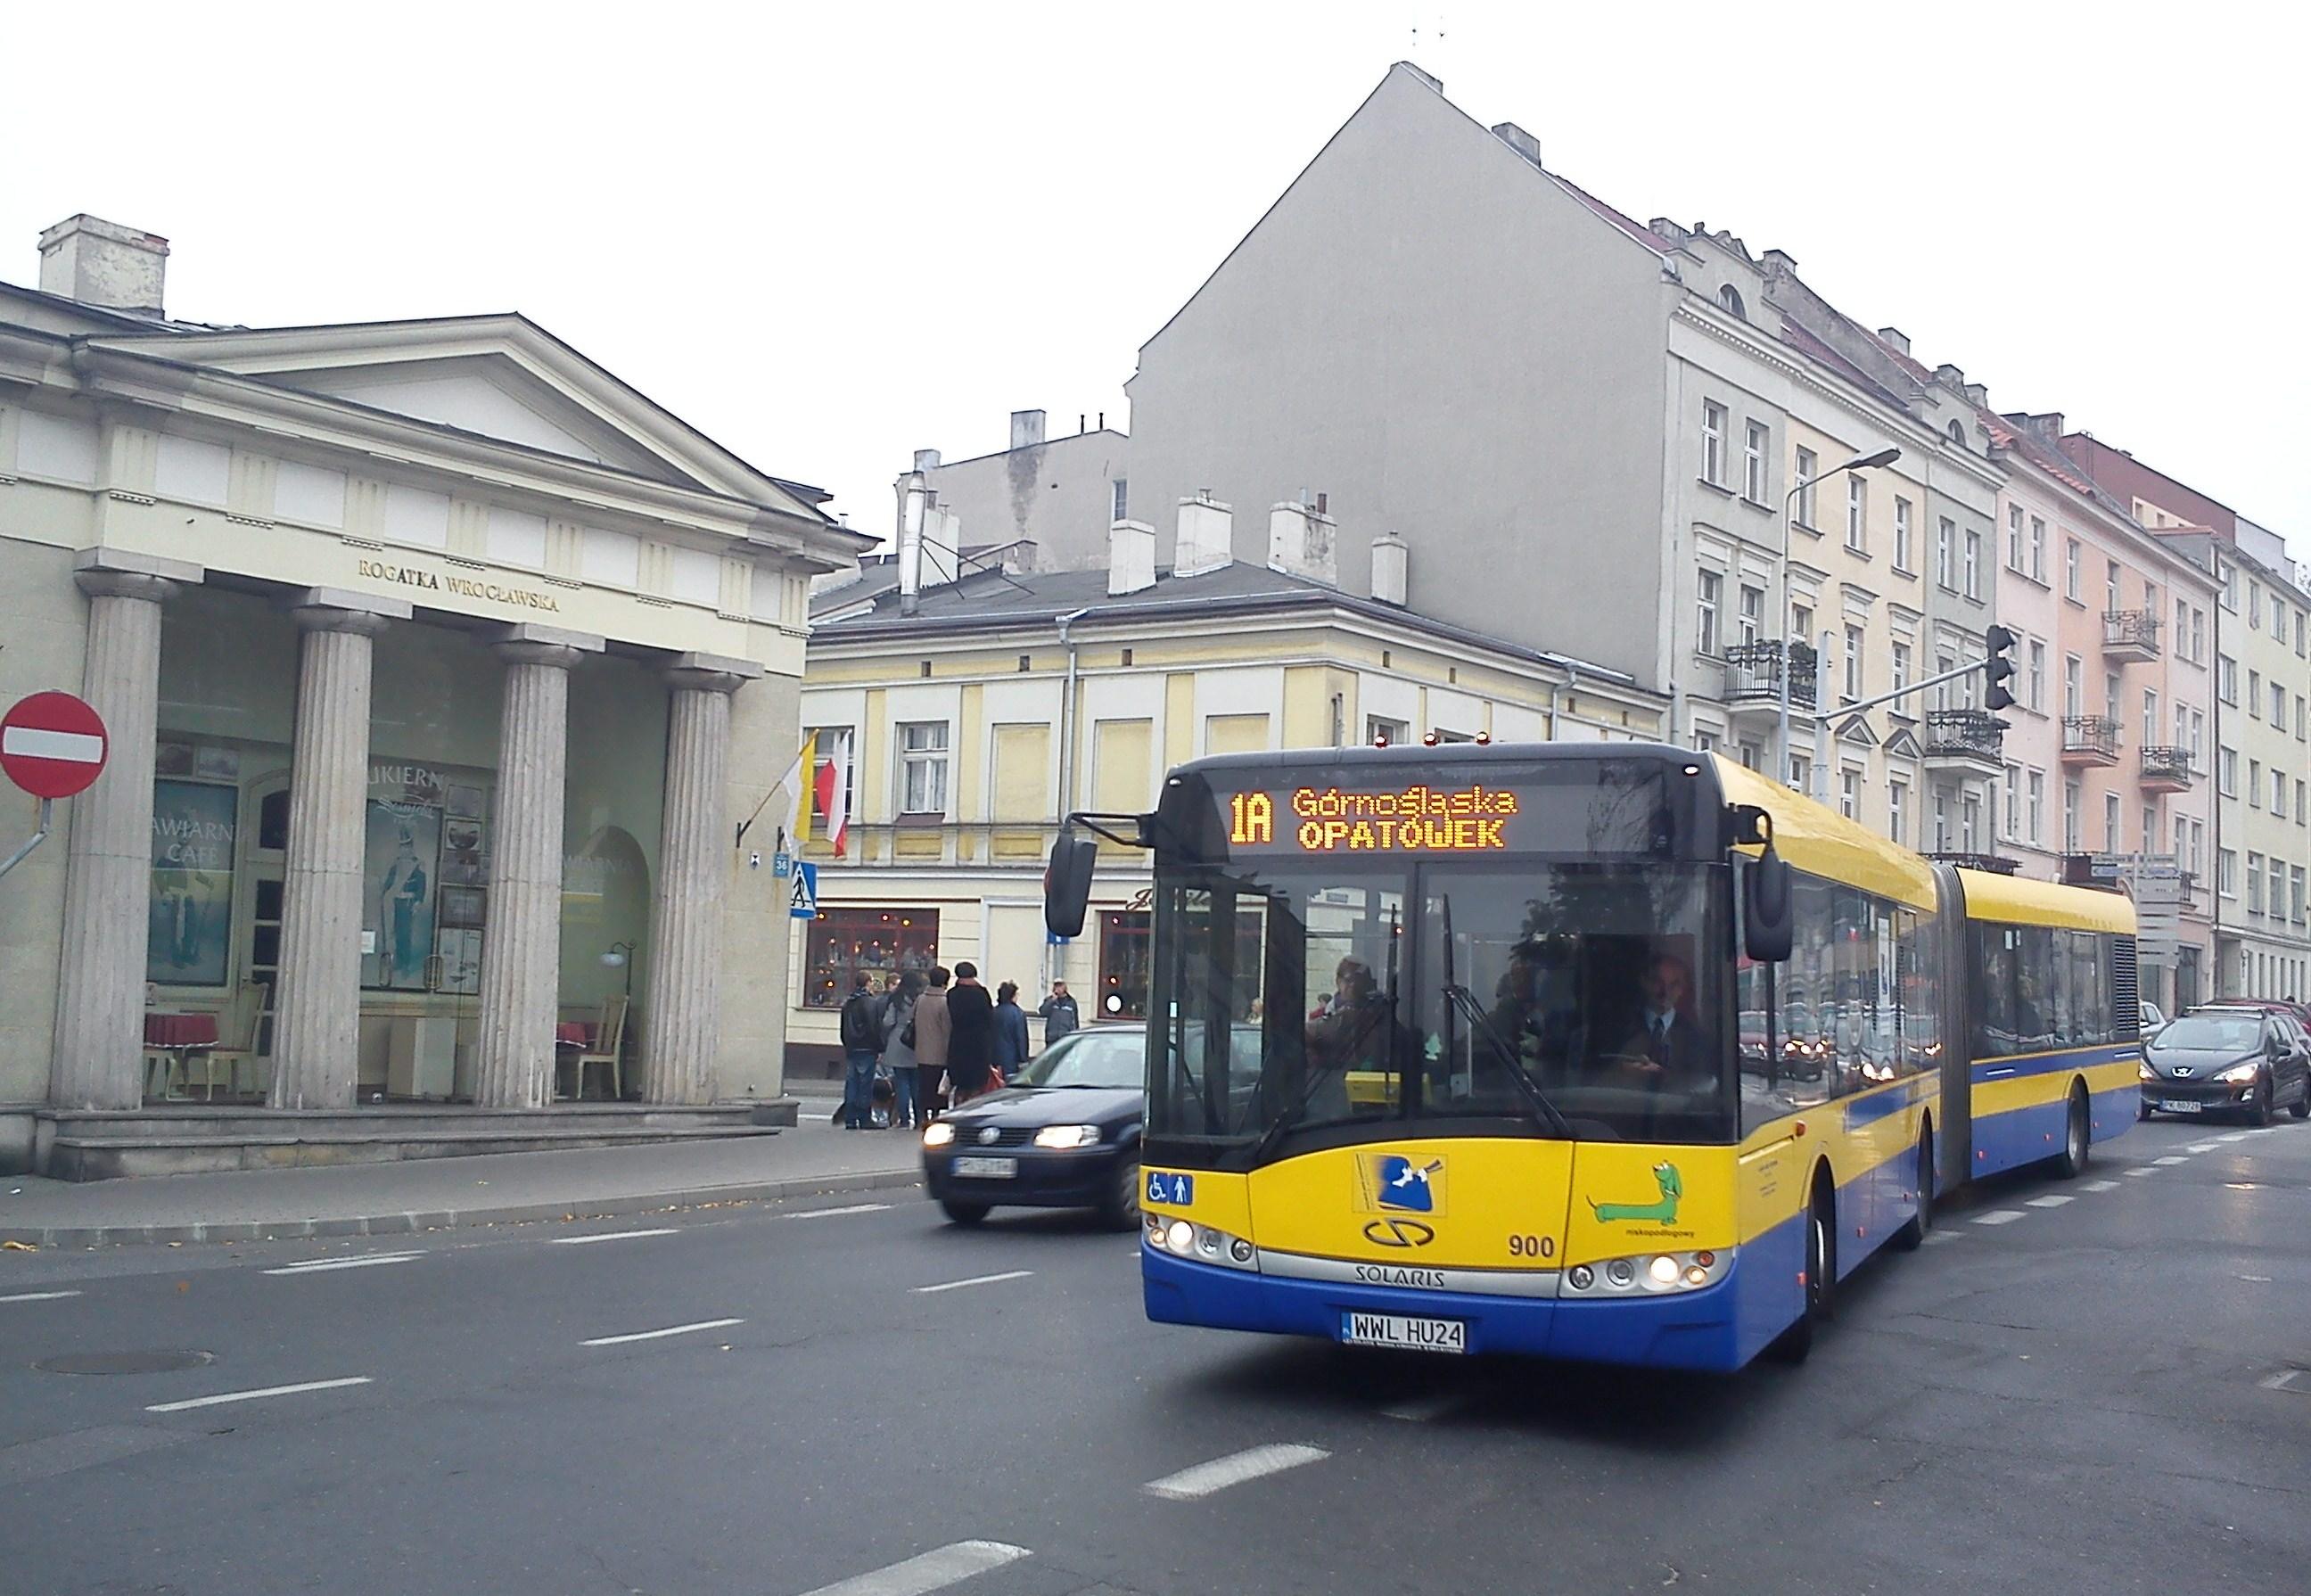 Solaris_Kalisz_Rogatka.jpg